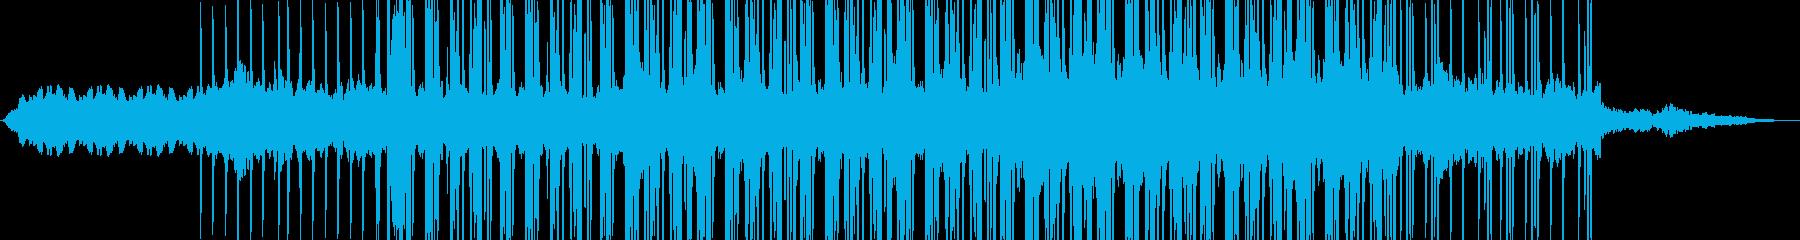 ロボットのマーチ/民族音楽的/機械音の再生済みの波形